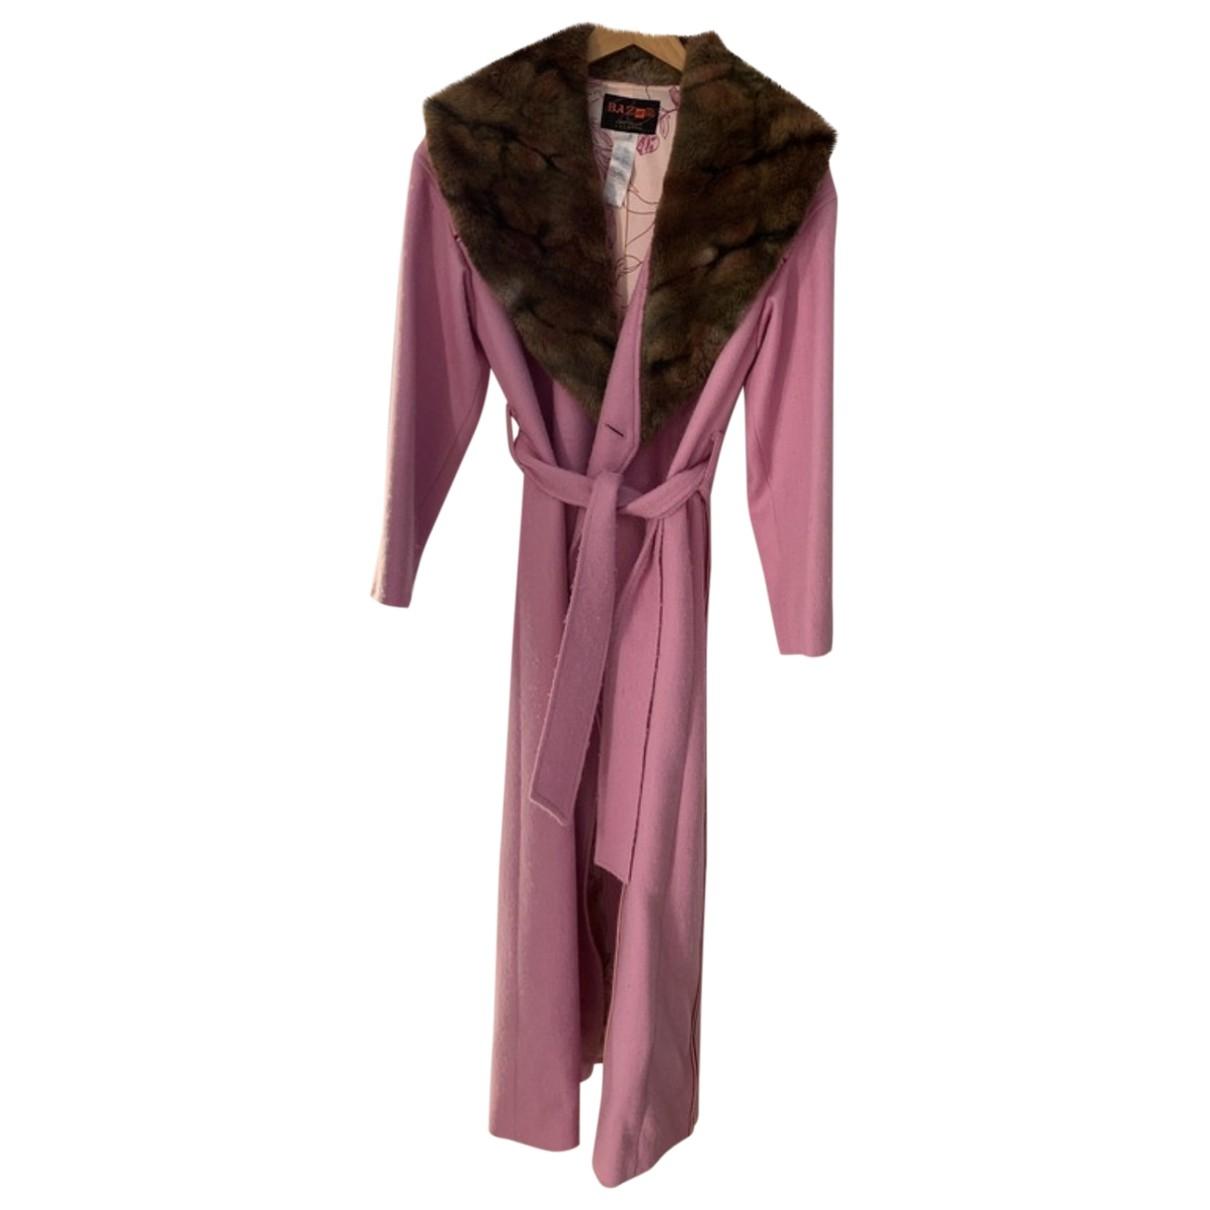 Christian Lacroix - Manteau   pour femme en laine - rose